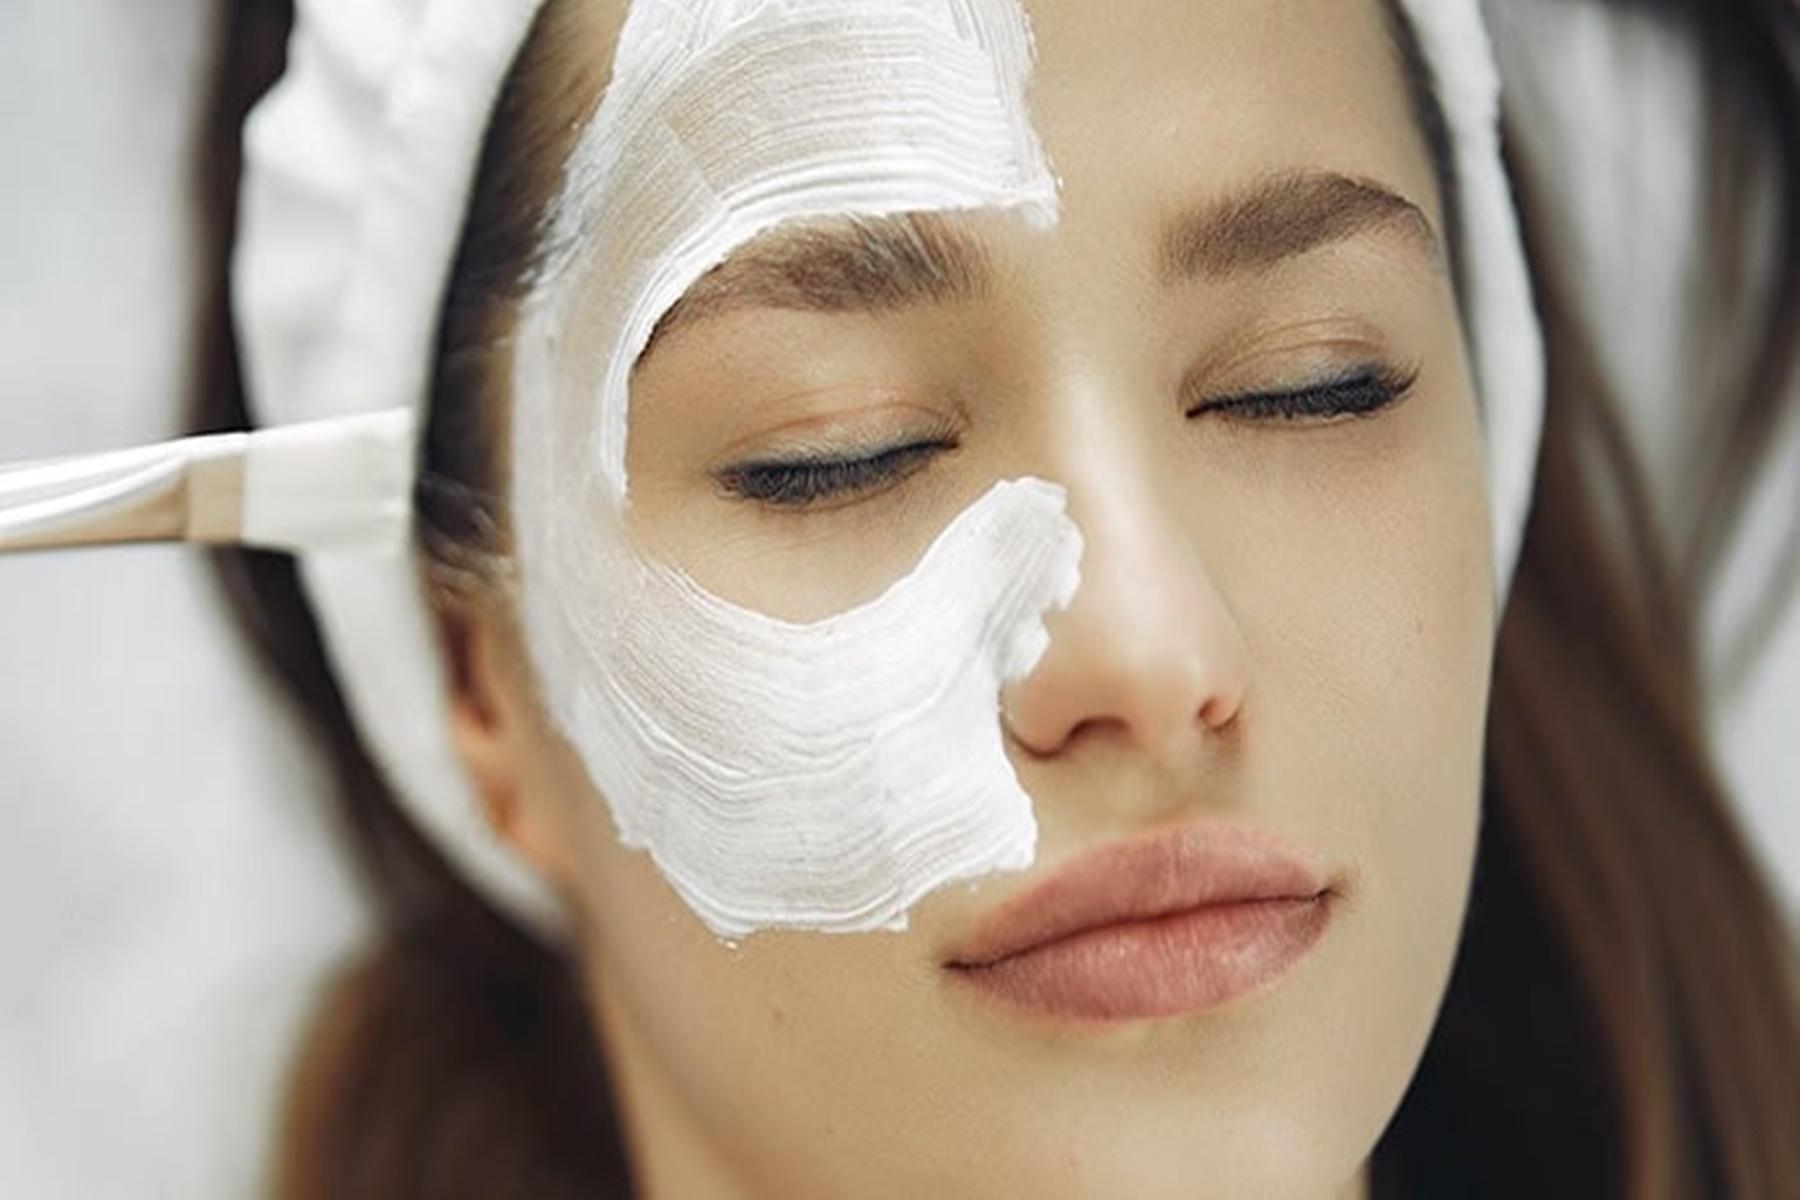 Μάσκα προσώπου : Βήματα για να την εφαρμόσετε σωστά